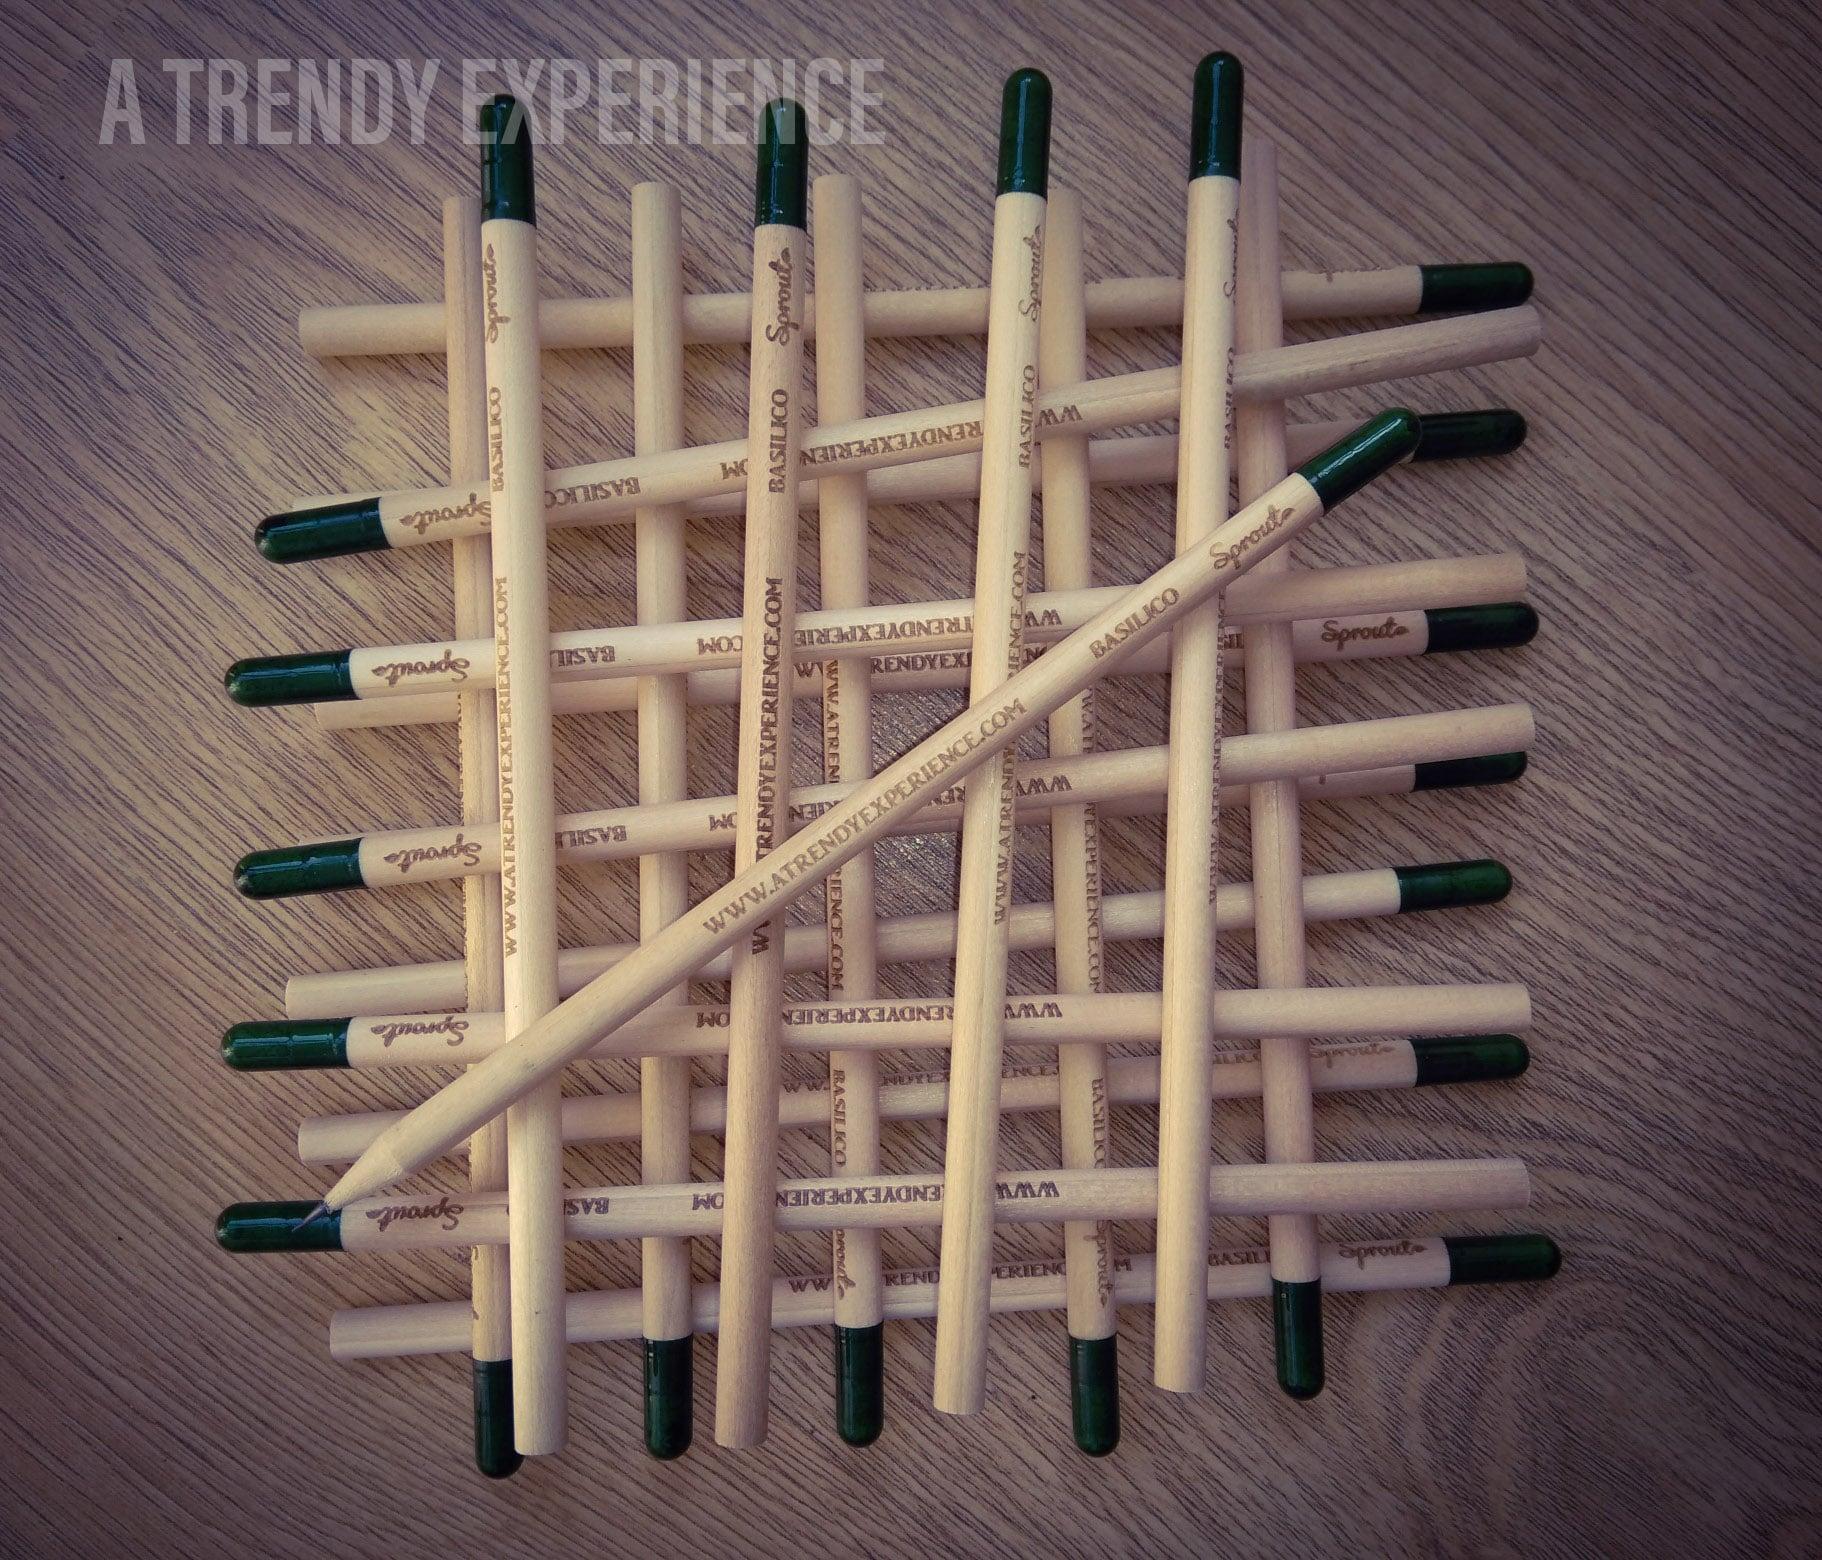 sprout matite da piantare personalizzate